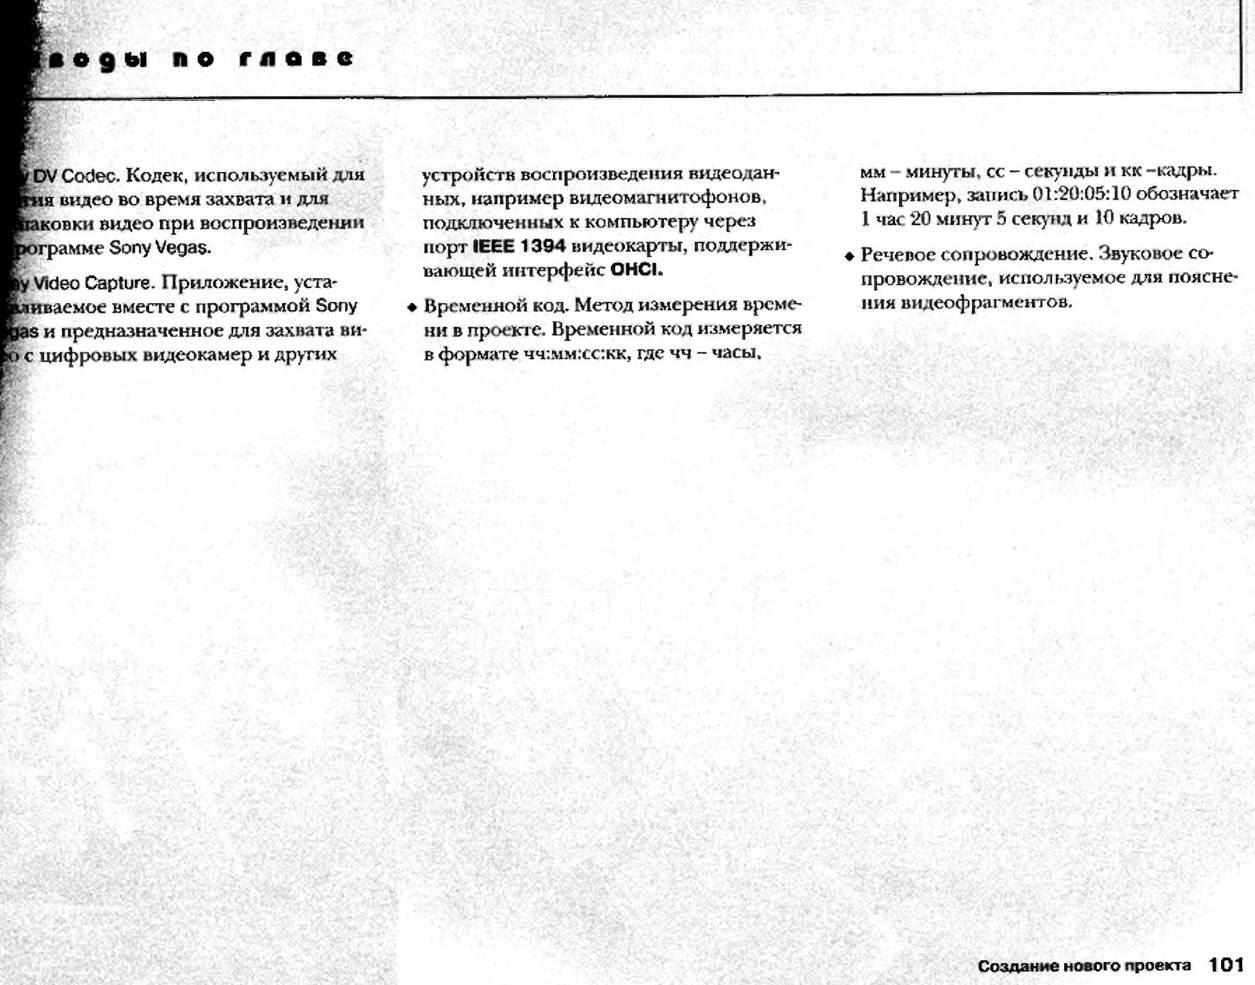 http://redaktori-uroki.3dn.ru/_ph/12/712244996.jpg